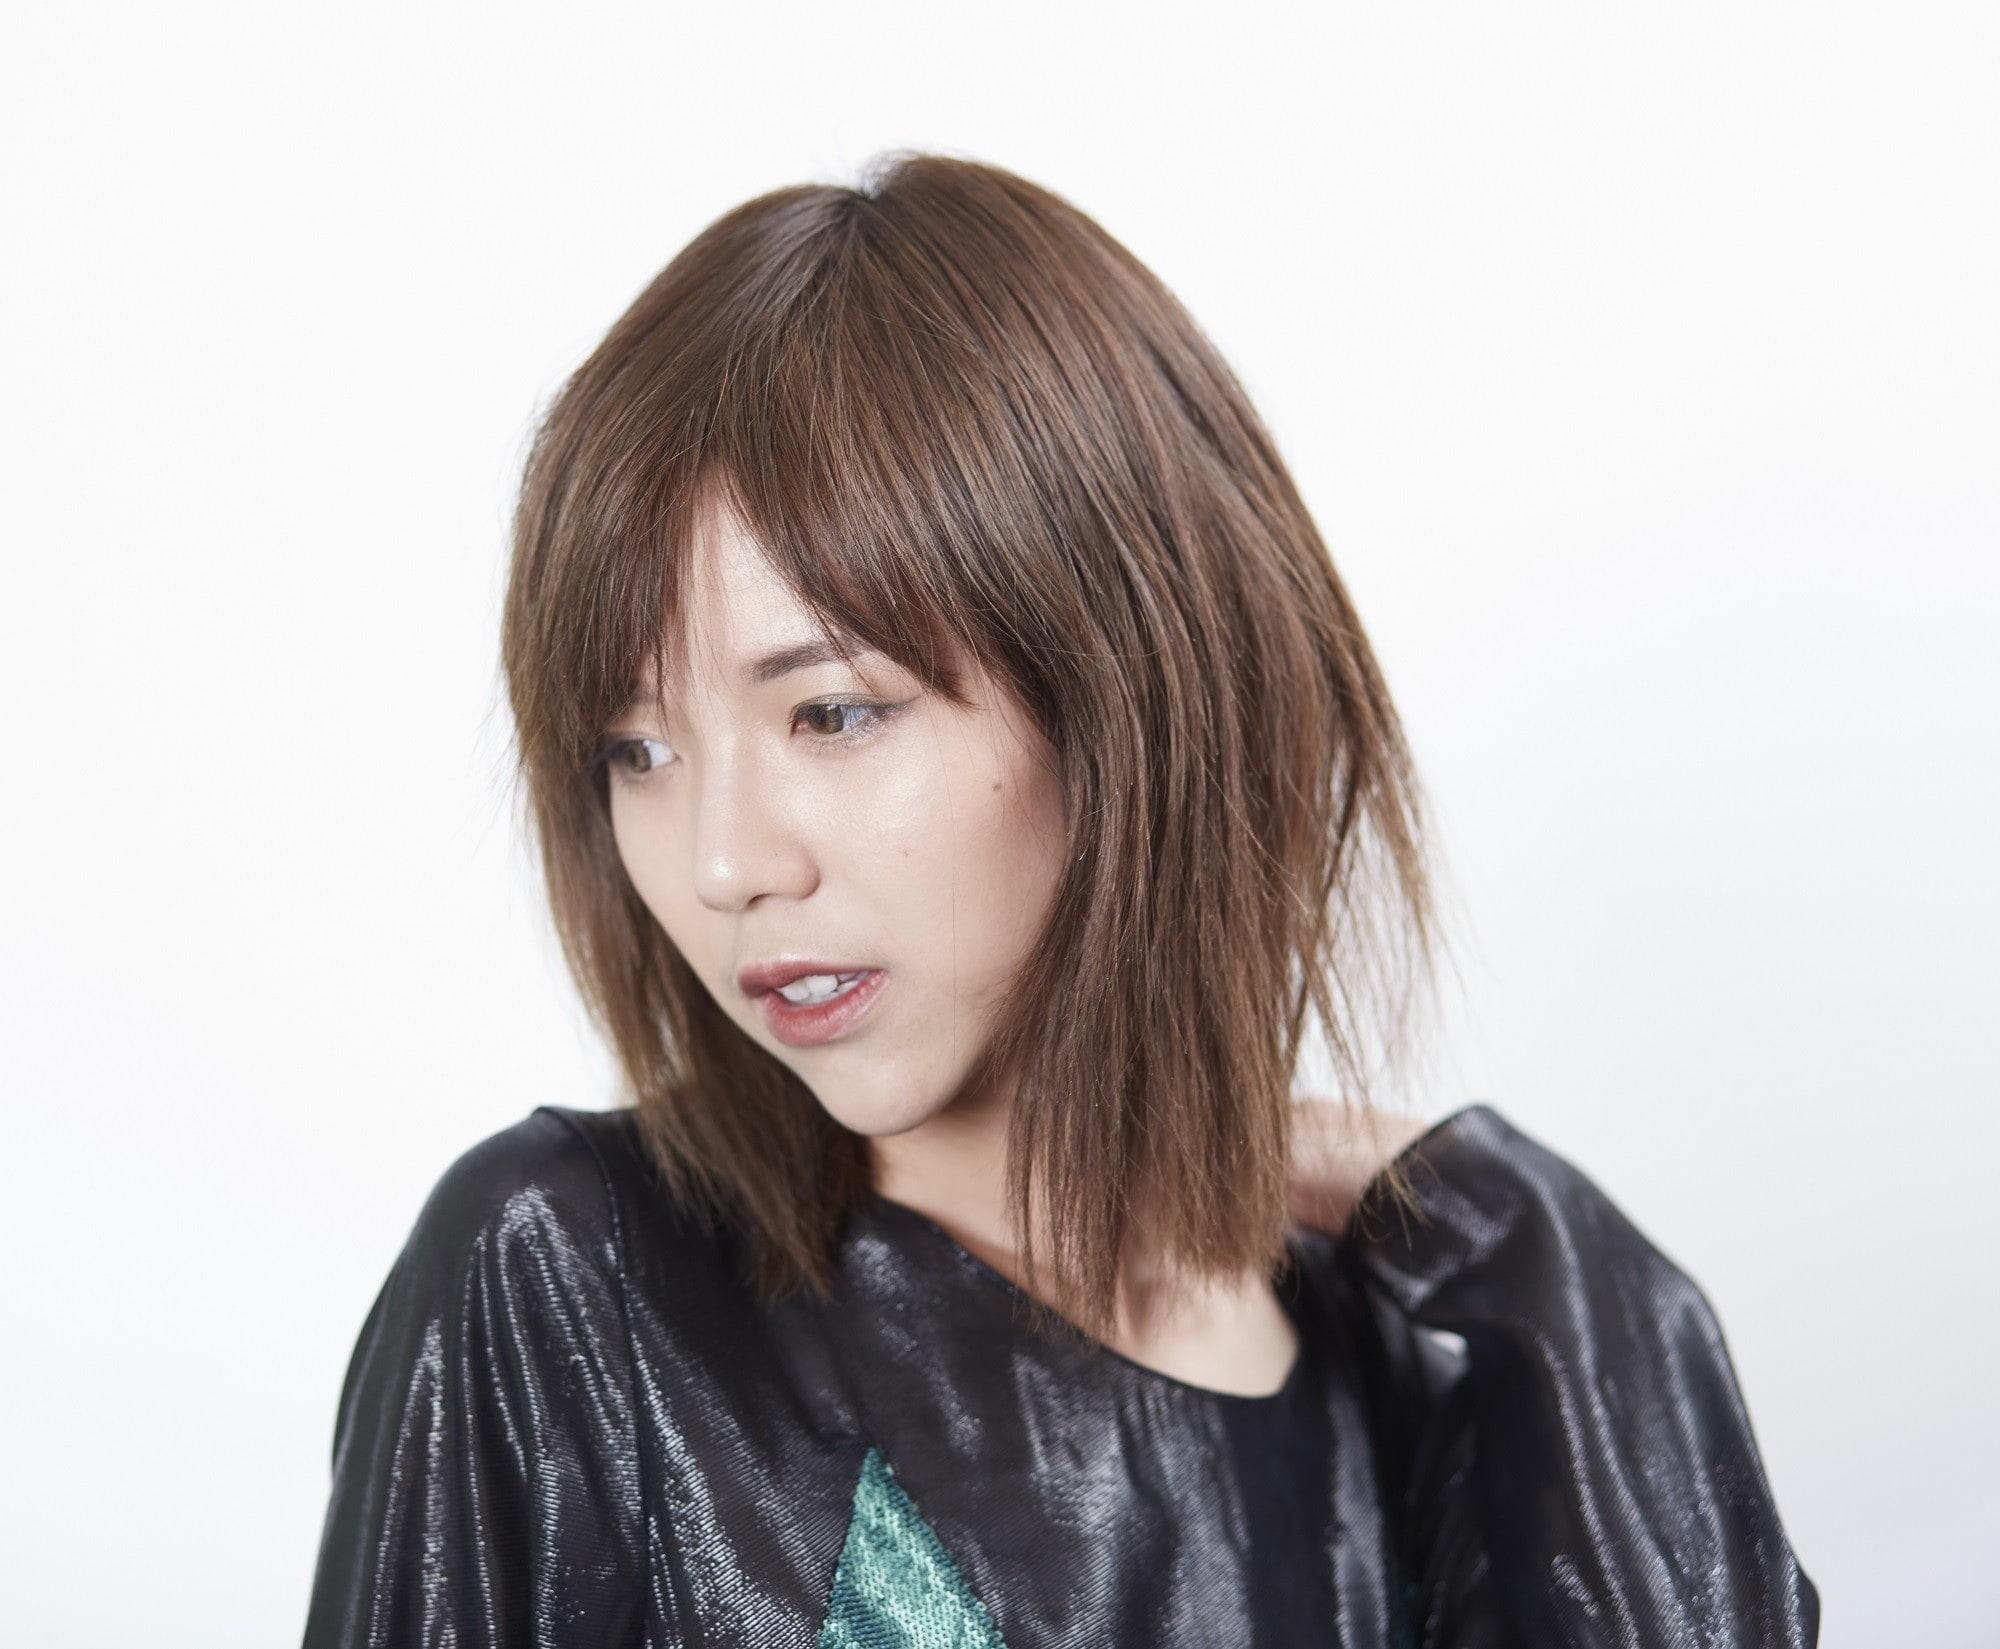 Layered haircuts with bangs: Closeup shot of an Asian woman with brown layered hair with bangs